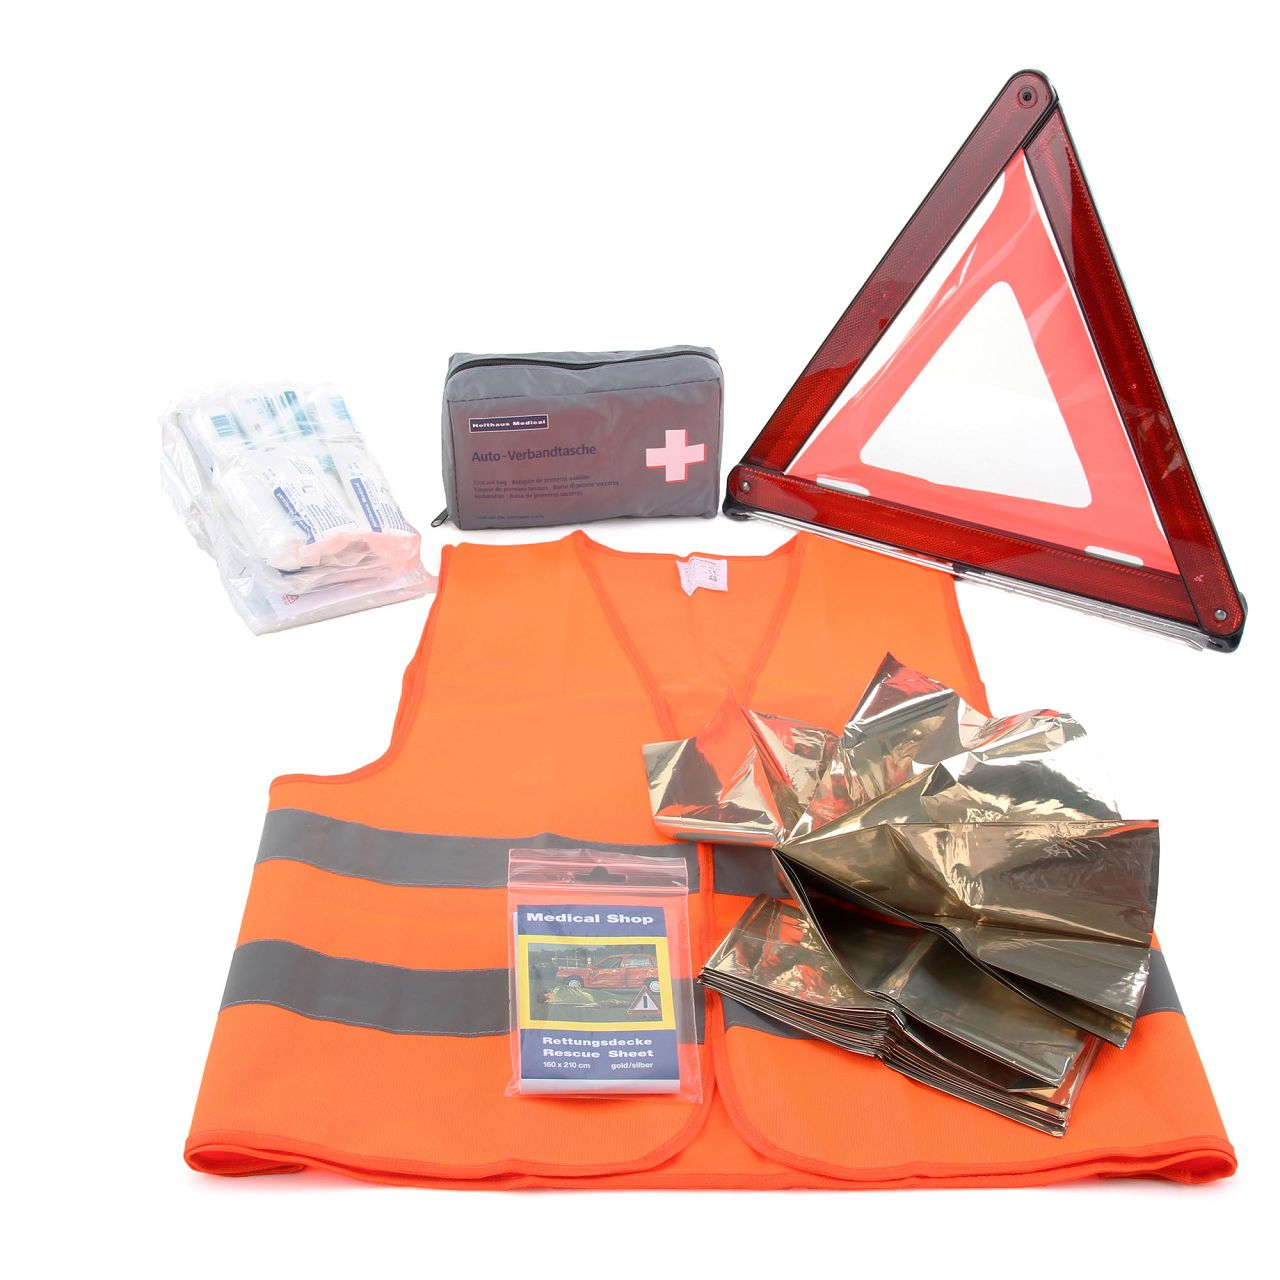 Verbandkasten MHD 11.2024 + Warndreieck + Rettungsdecke + Warnweste Erste Hilfe Set